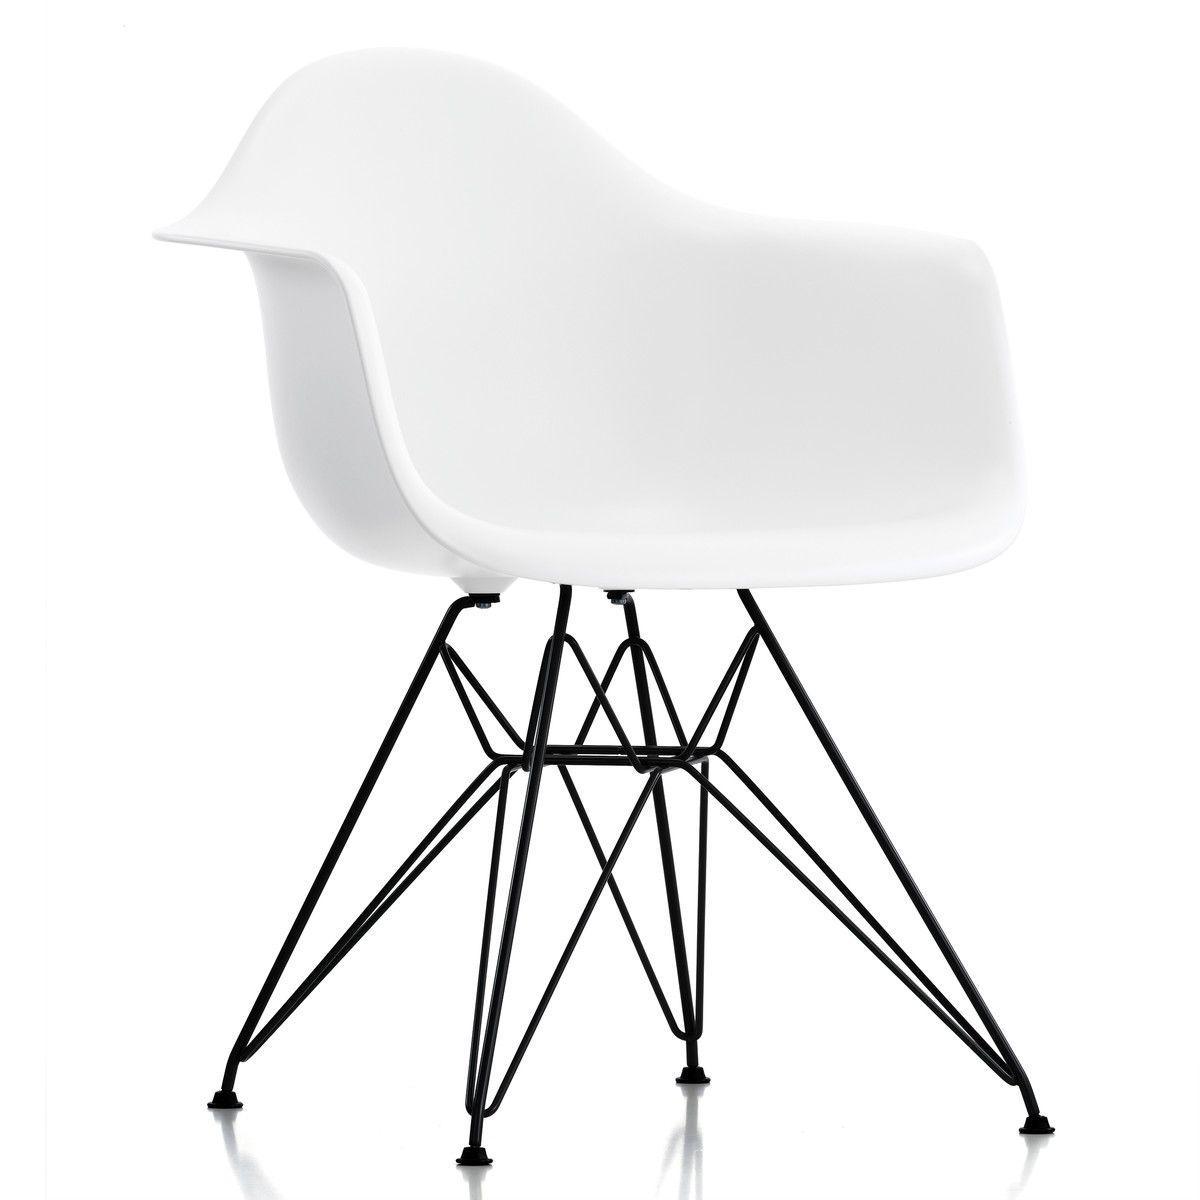 Vitra Eames Plastic Armchair Dar Pulverbeschichtet Weiss Filzgleiter Schwarz Esszimmerstuhle Stuhle Eames